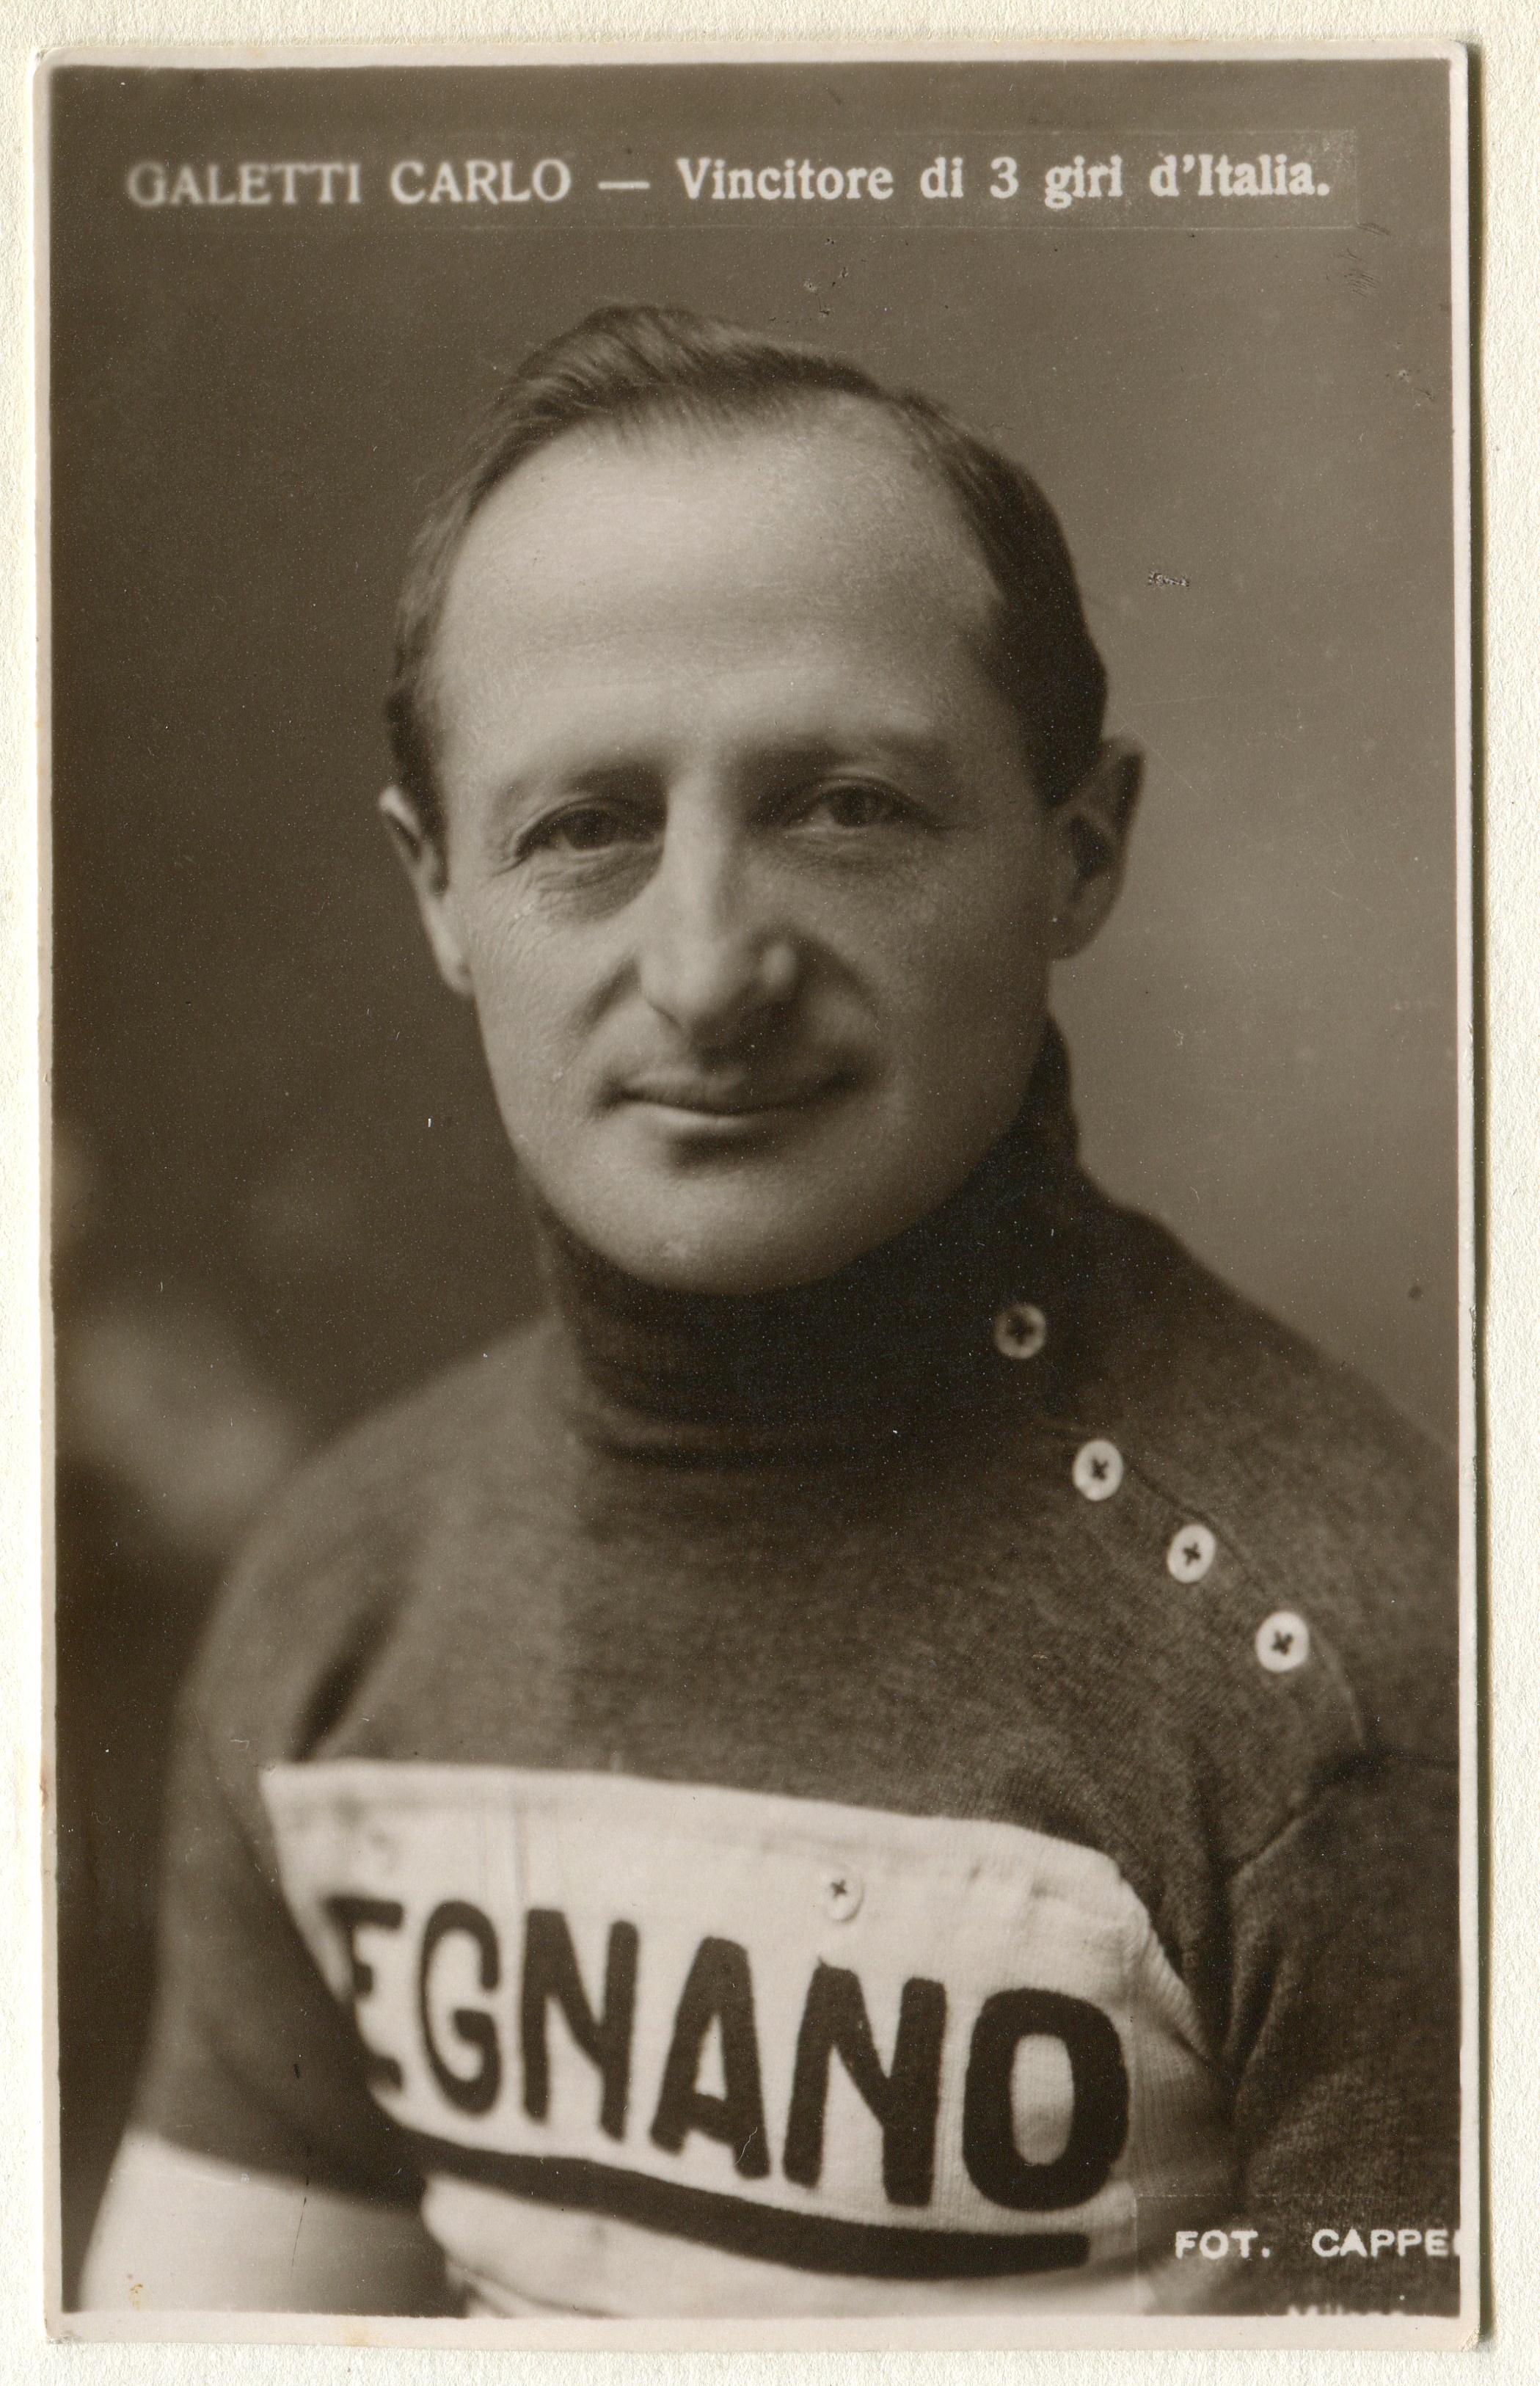 1920 - Carlo Galetti.